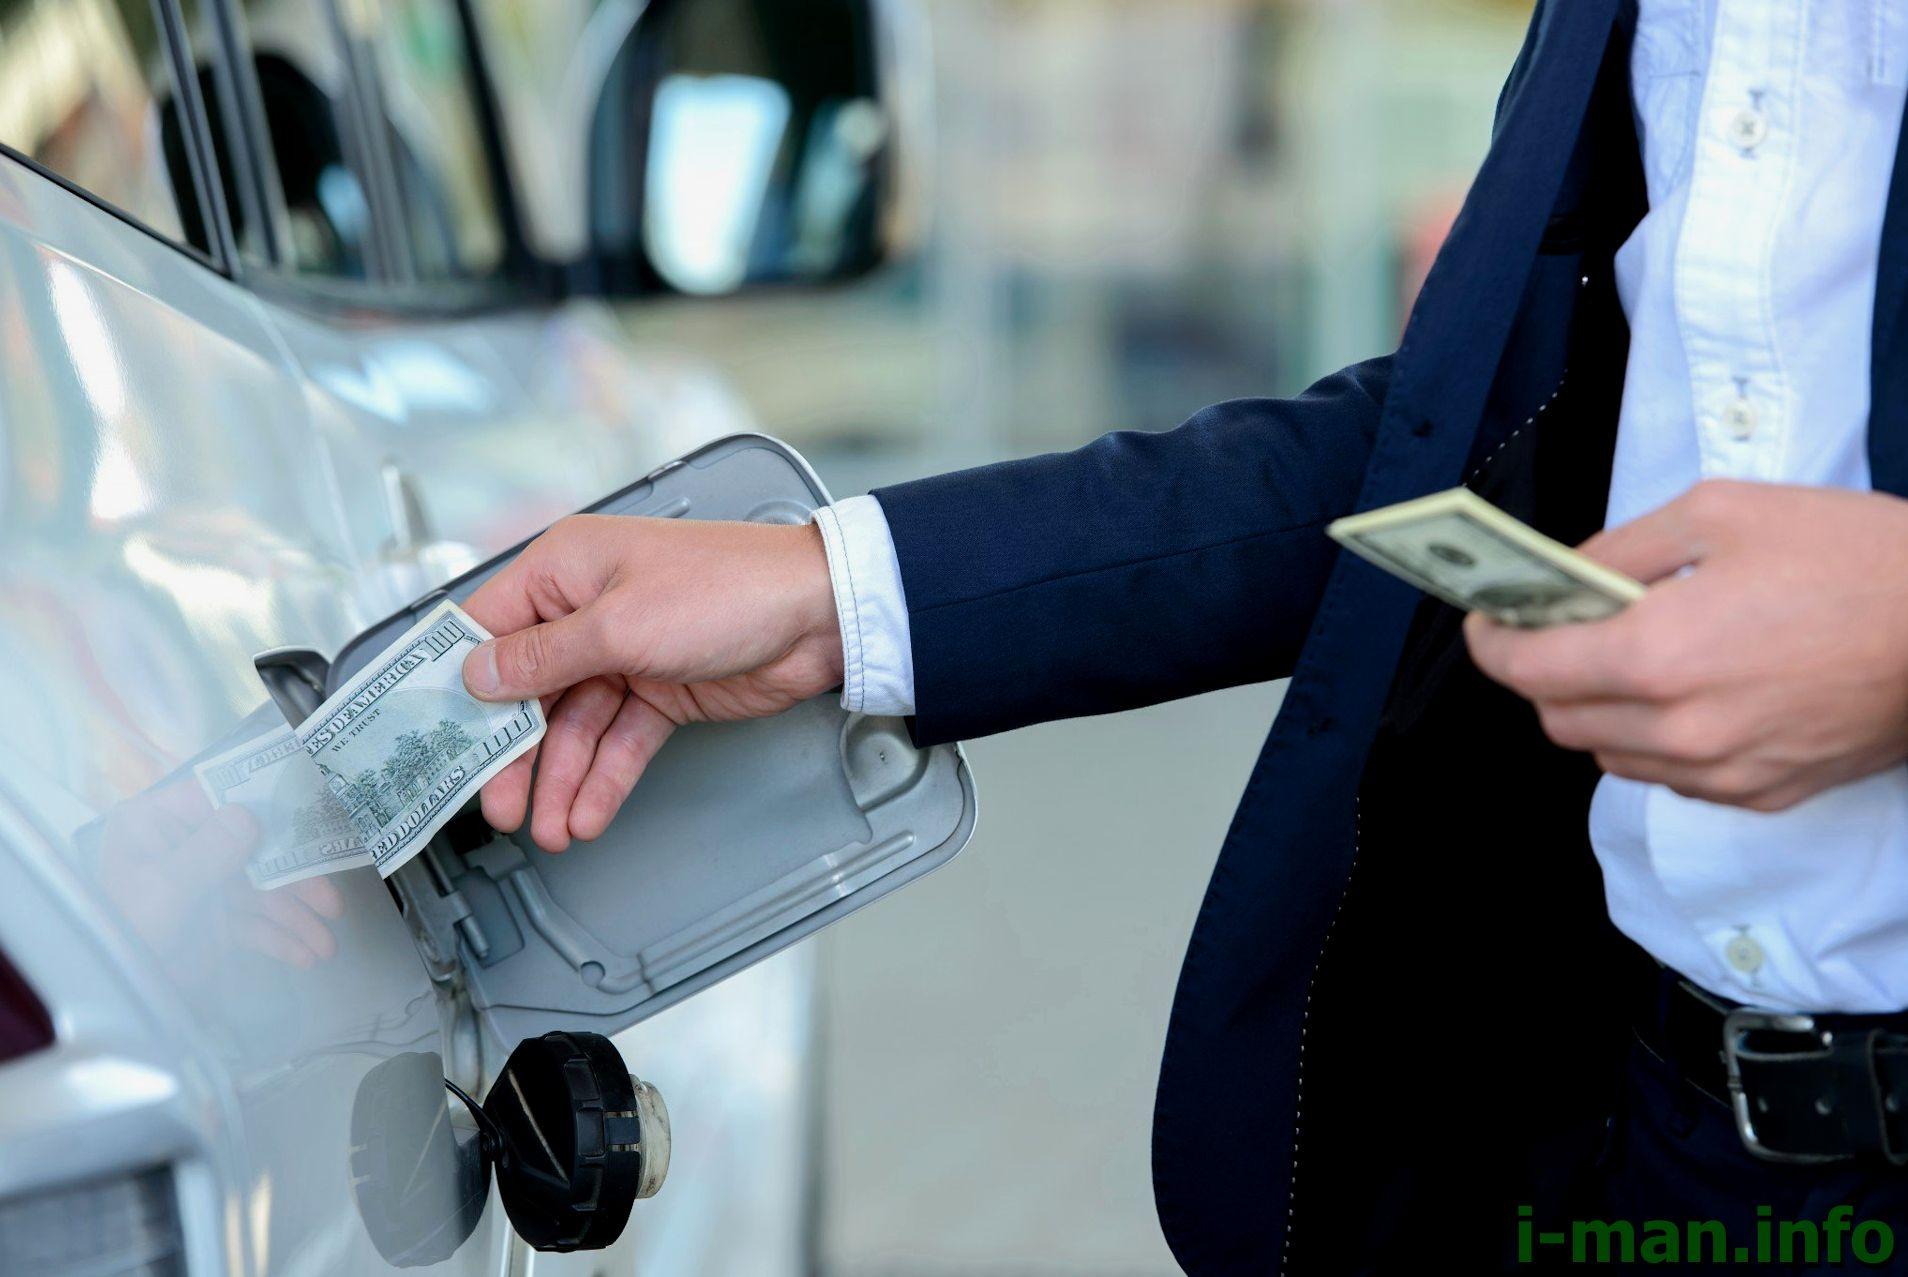 Как можно уменьшить расход топлива на автомобиле